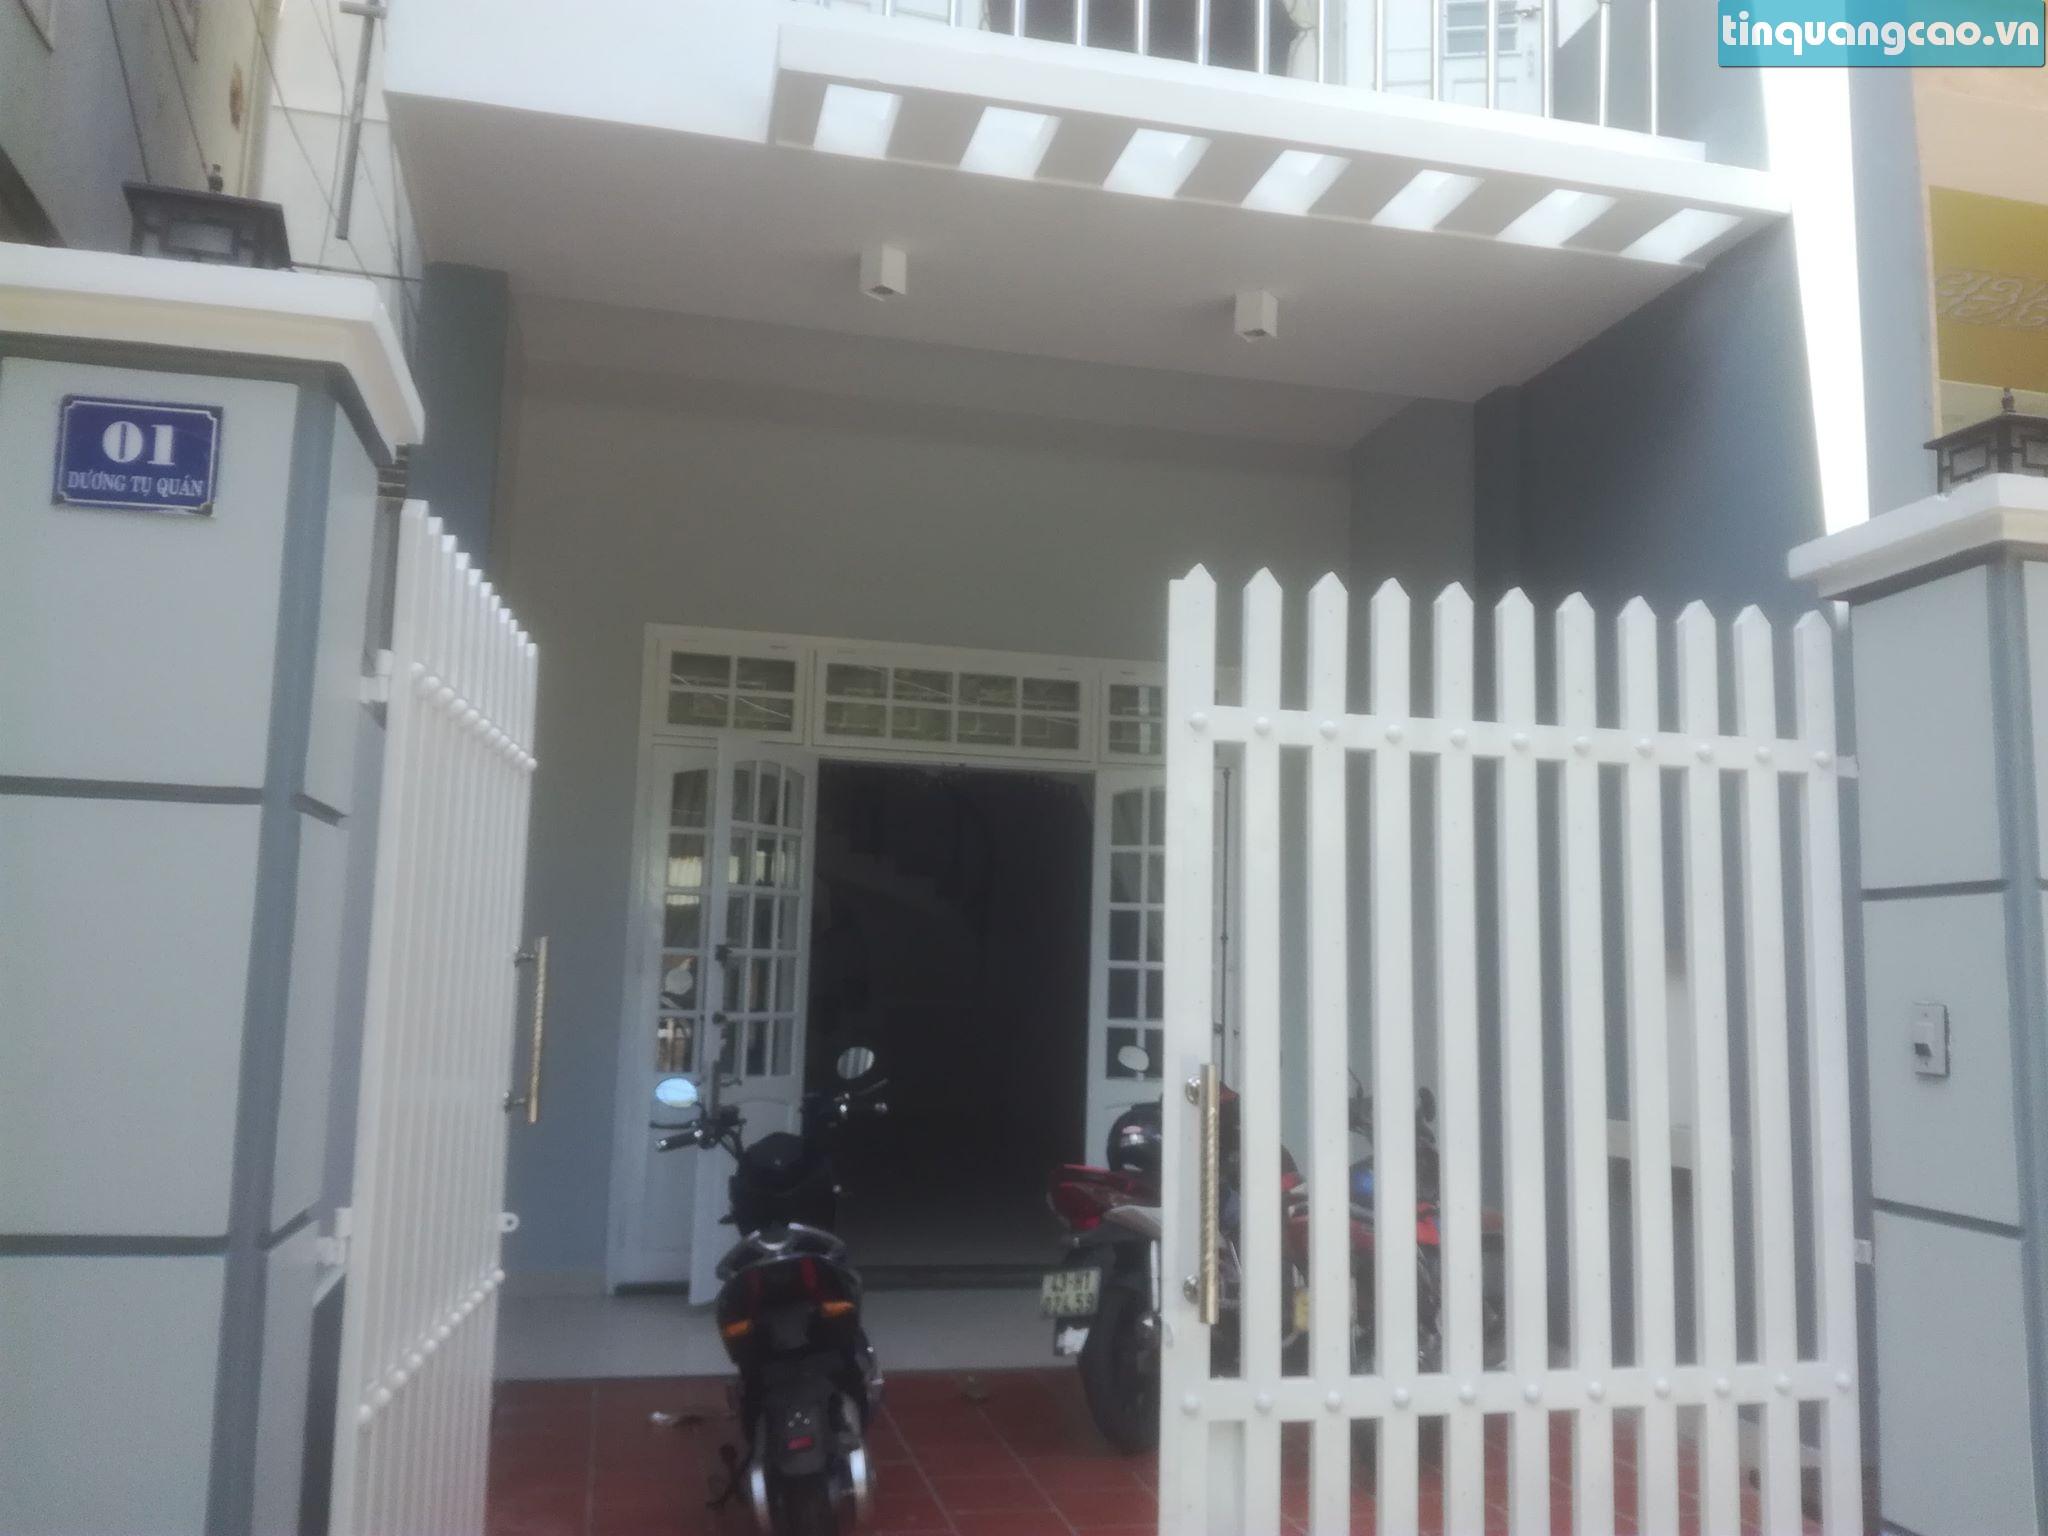 5 Cho thuê nhà mặt tiền số 1 đường Dương Tự Quán, phường Mỹ An, quận Ngũ Hành Sơn